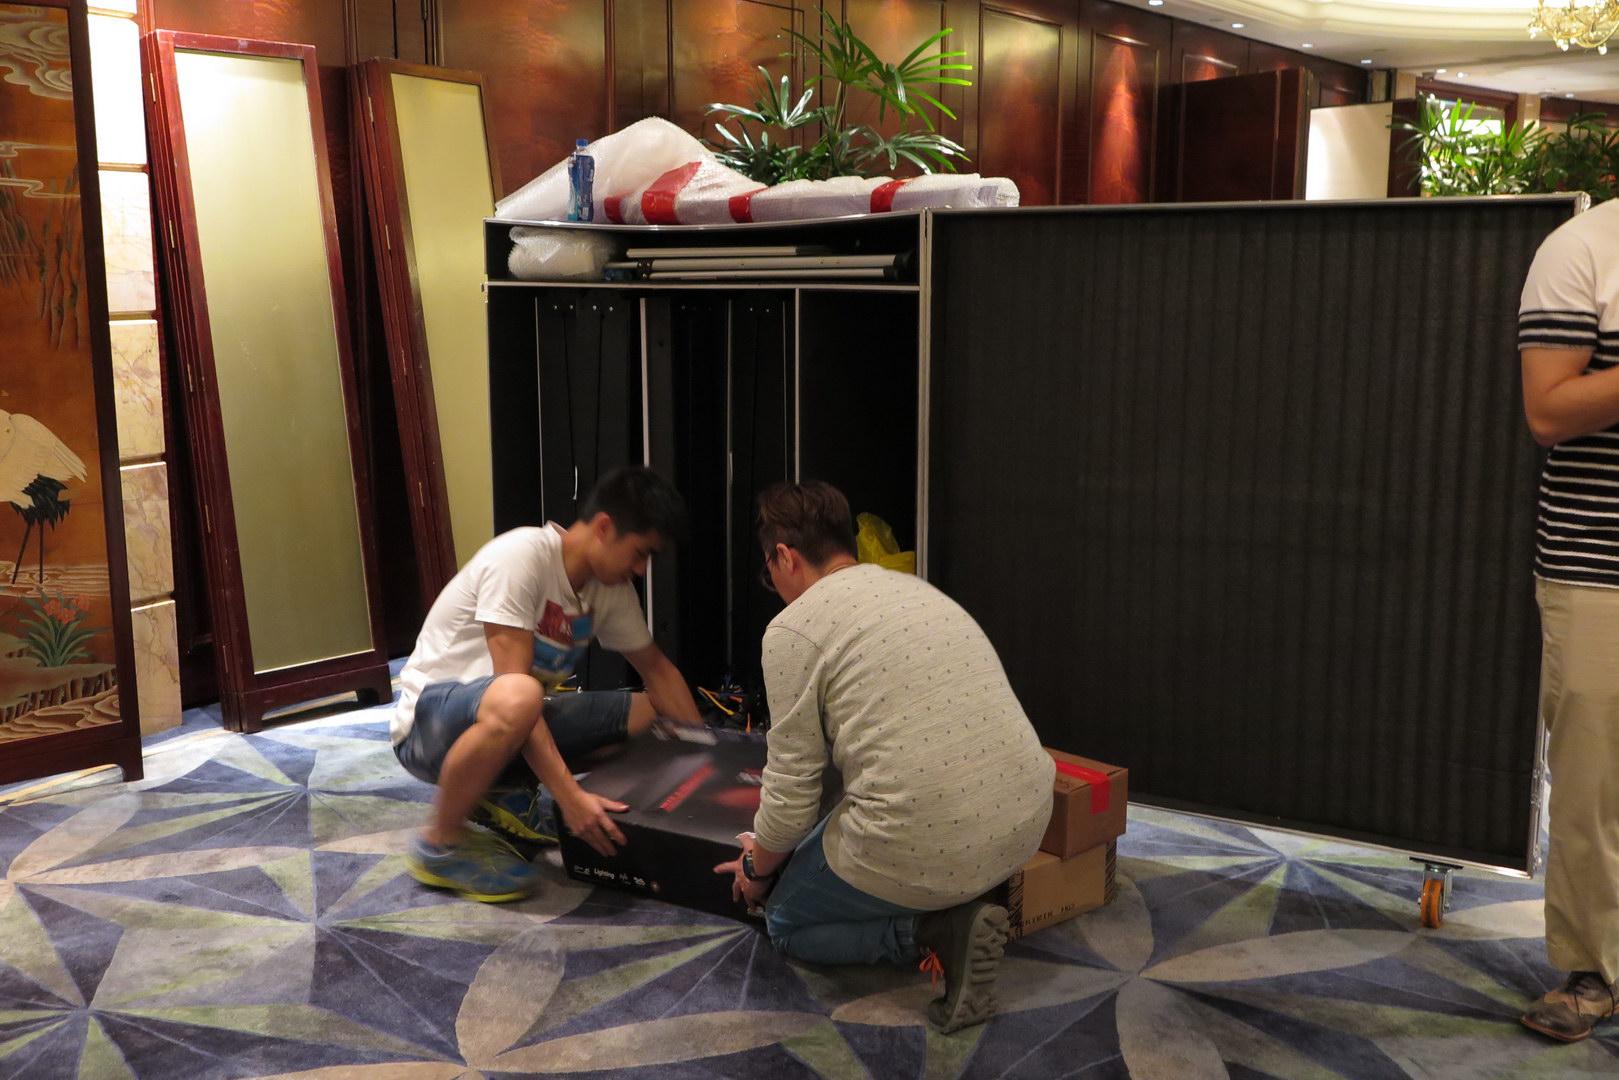 JW Marriott Hoteldebuting QHuman by OepnSky TFI 5